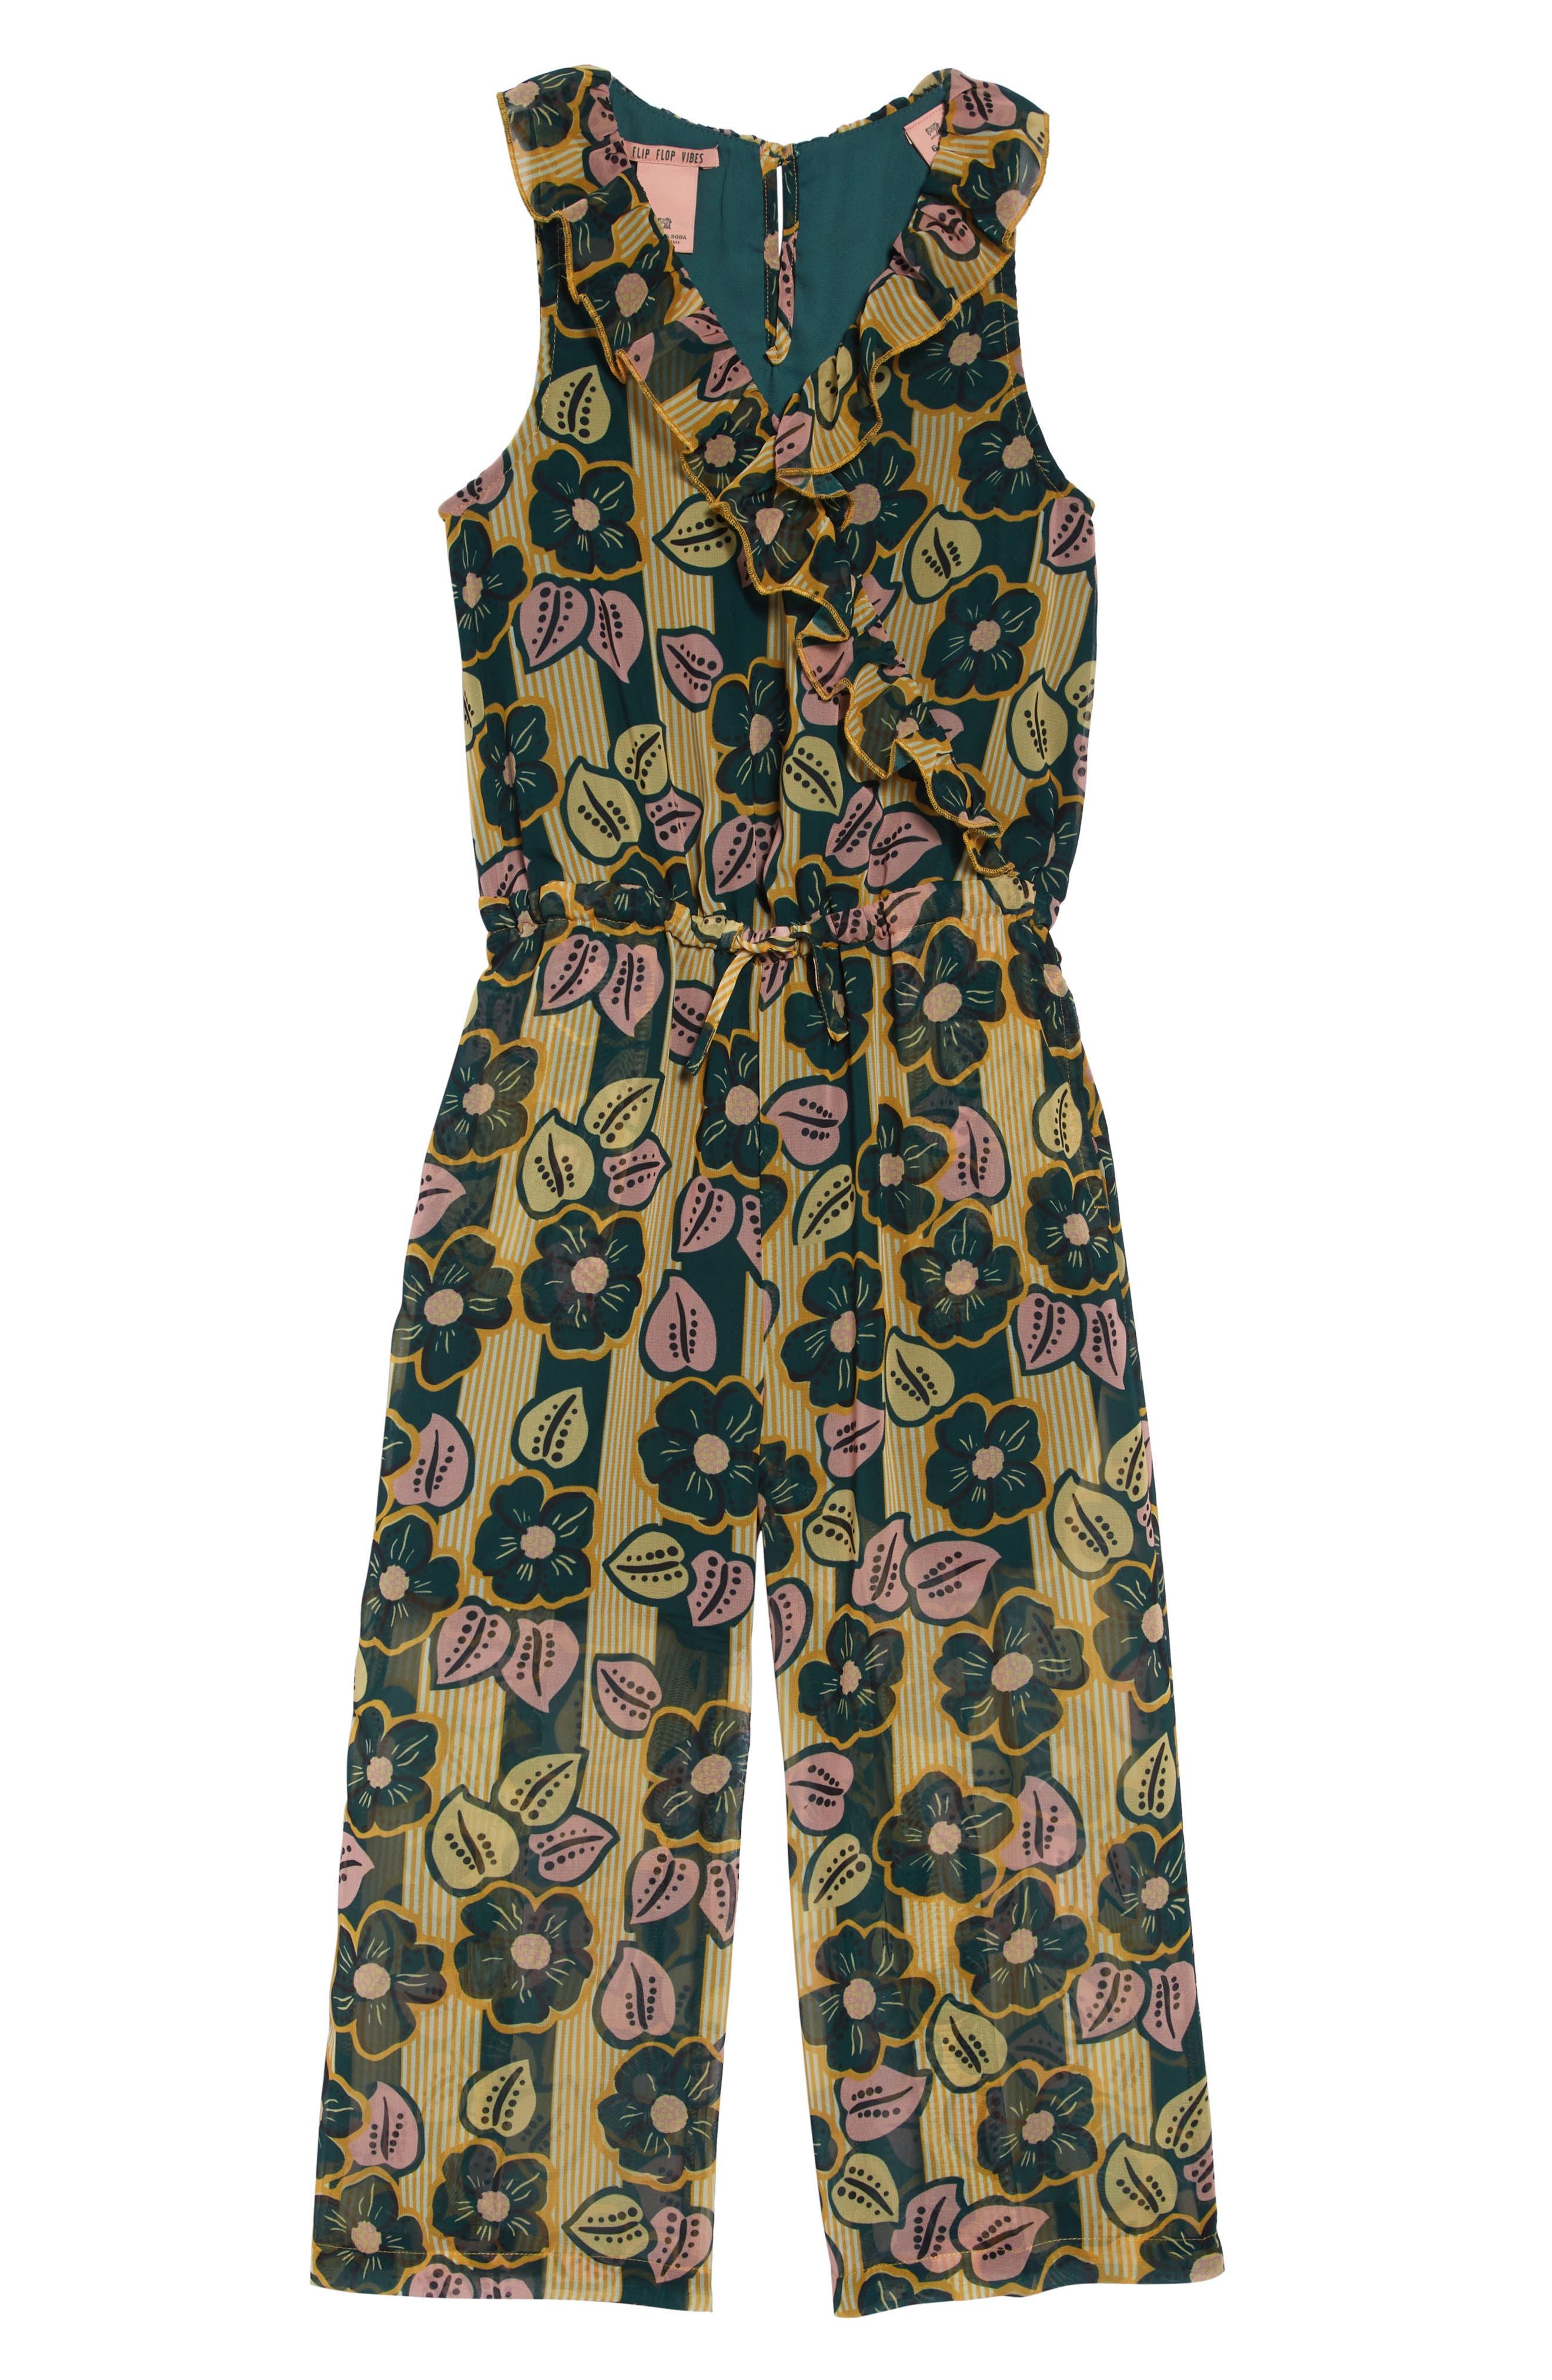 SCOTCH R'BELLE Floral Print Romper, Main, color, 222 F